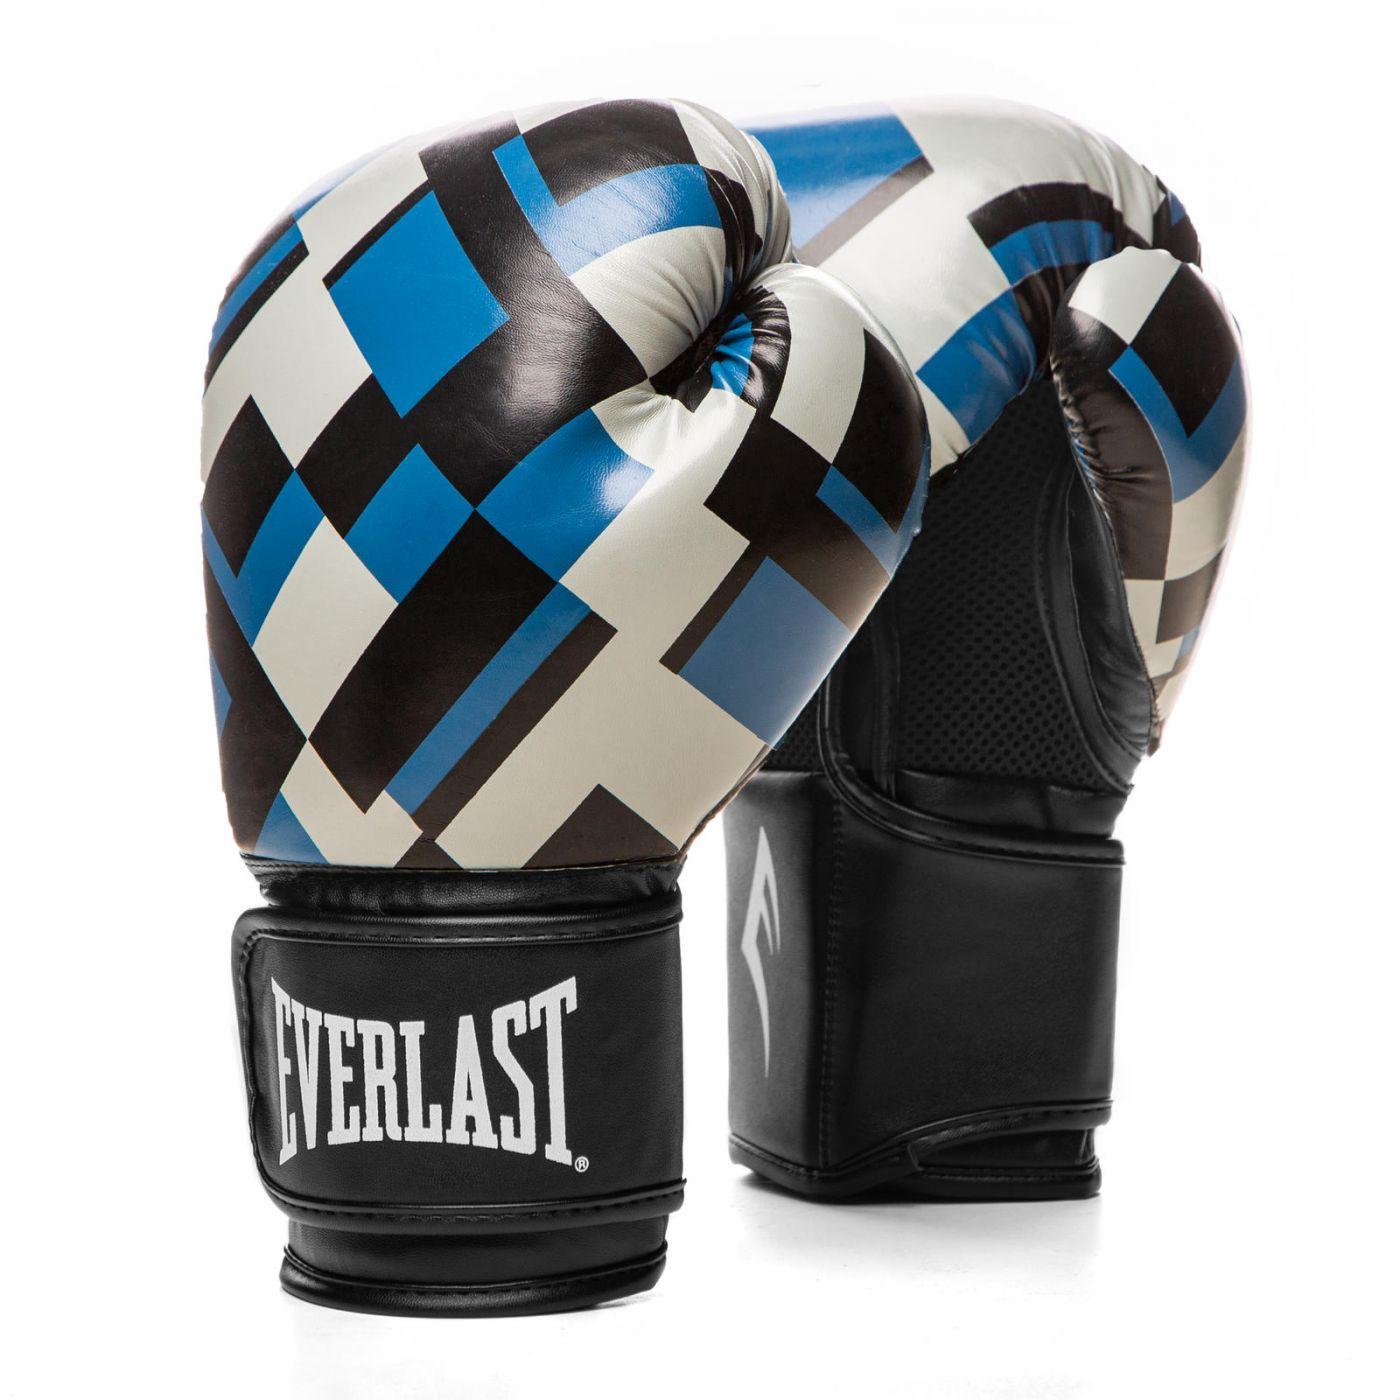 Перчатки тренировочные Everlast  Spark 12oz синие/клетка, артикул P00002422